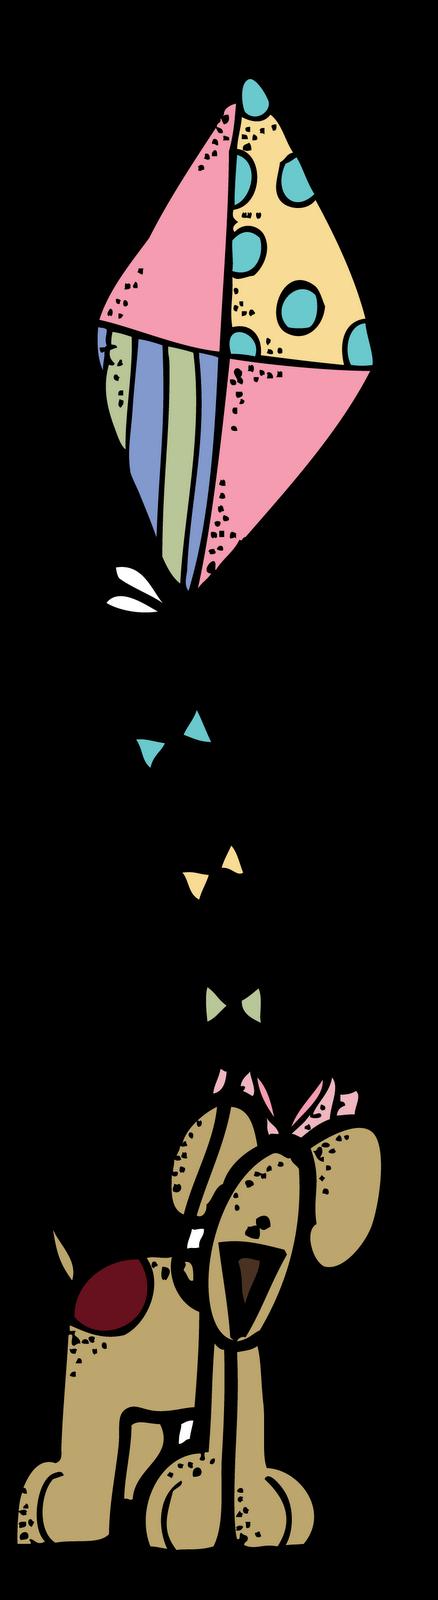 438x1600 Melonheadz Puppy With A Kite